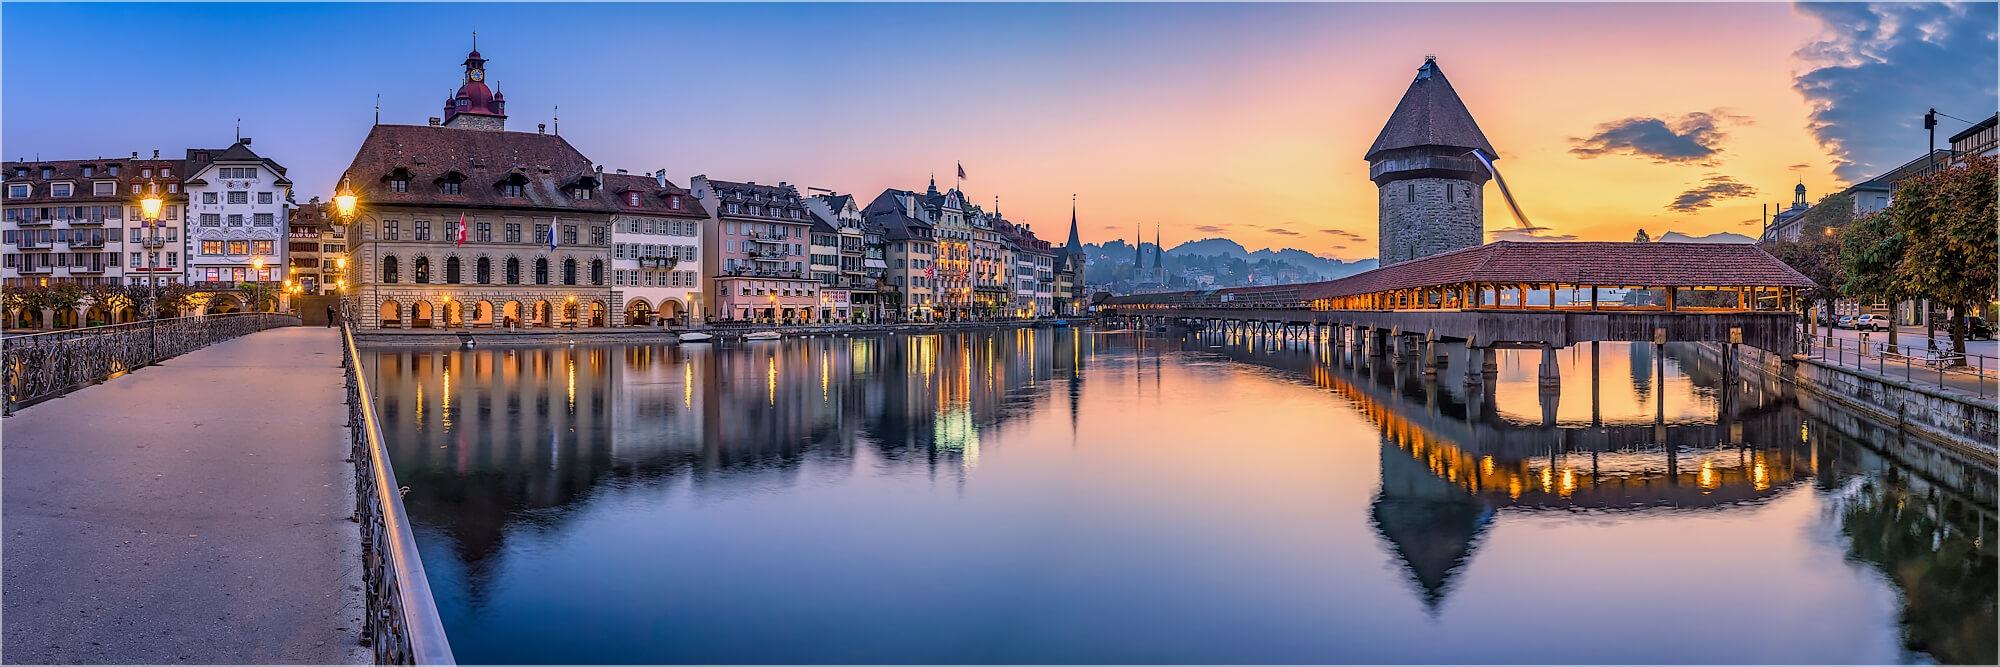 Panoramabild Luzern Schweiz am Abend